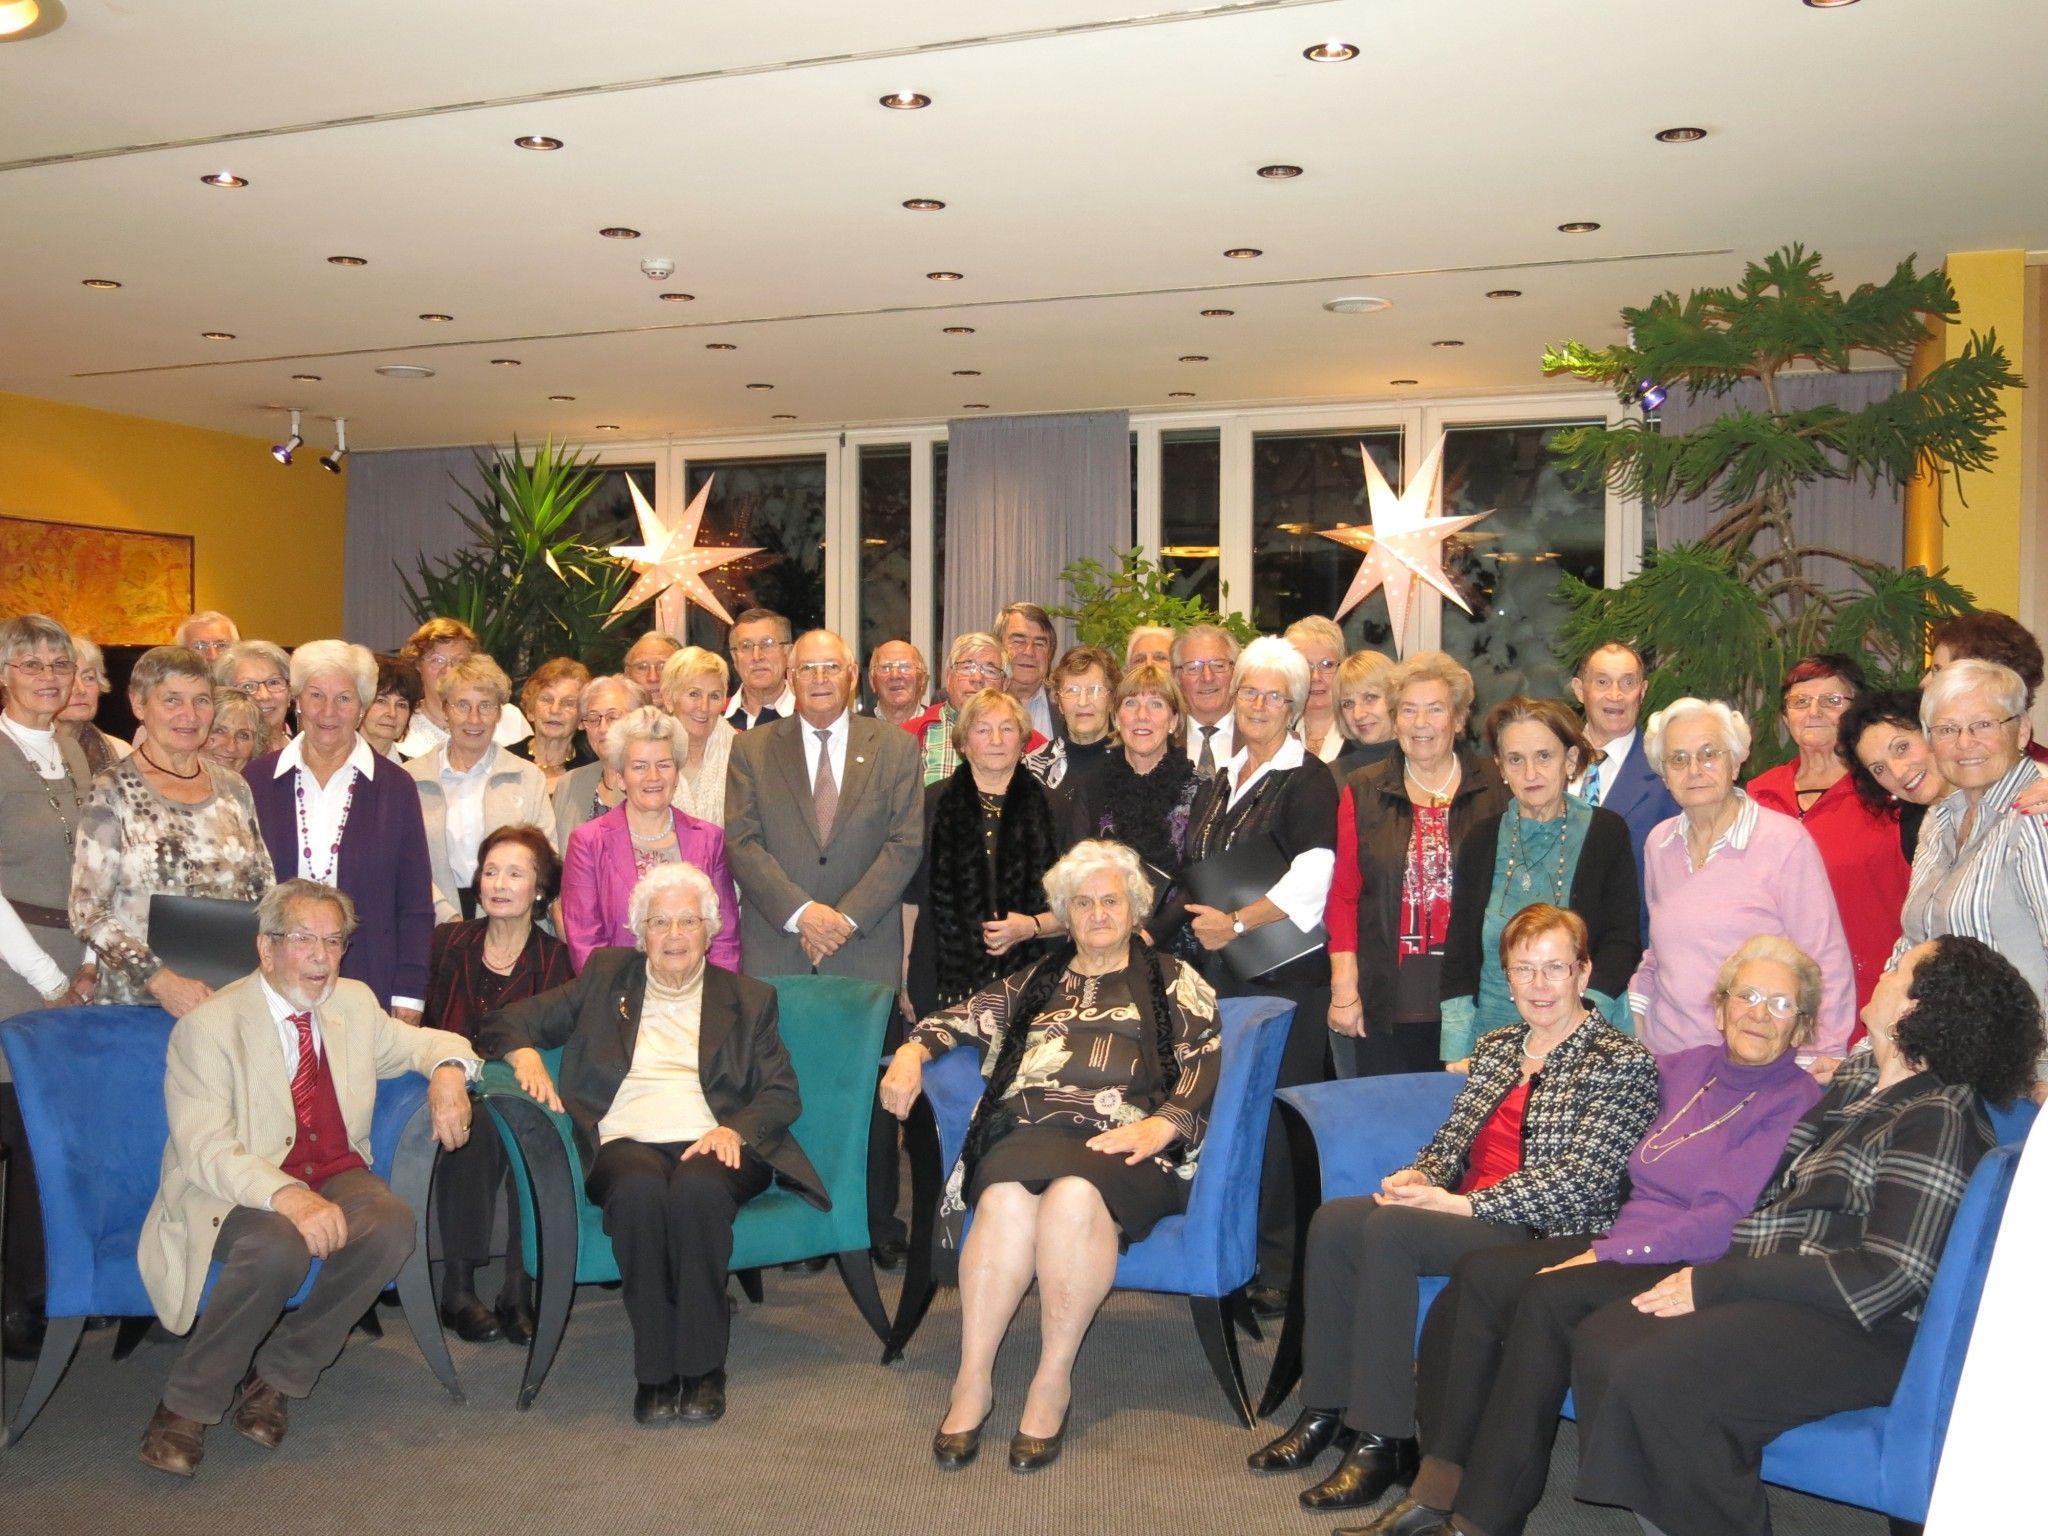 Der Seniorenchor Dornbirn feierte in diesem Jahr sein 30jähriges Bestehen.